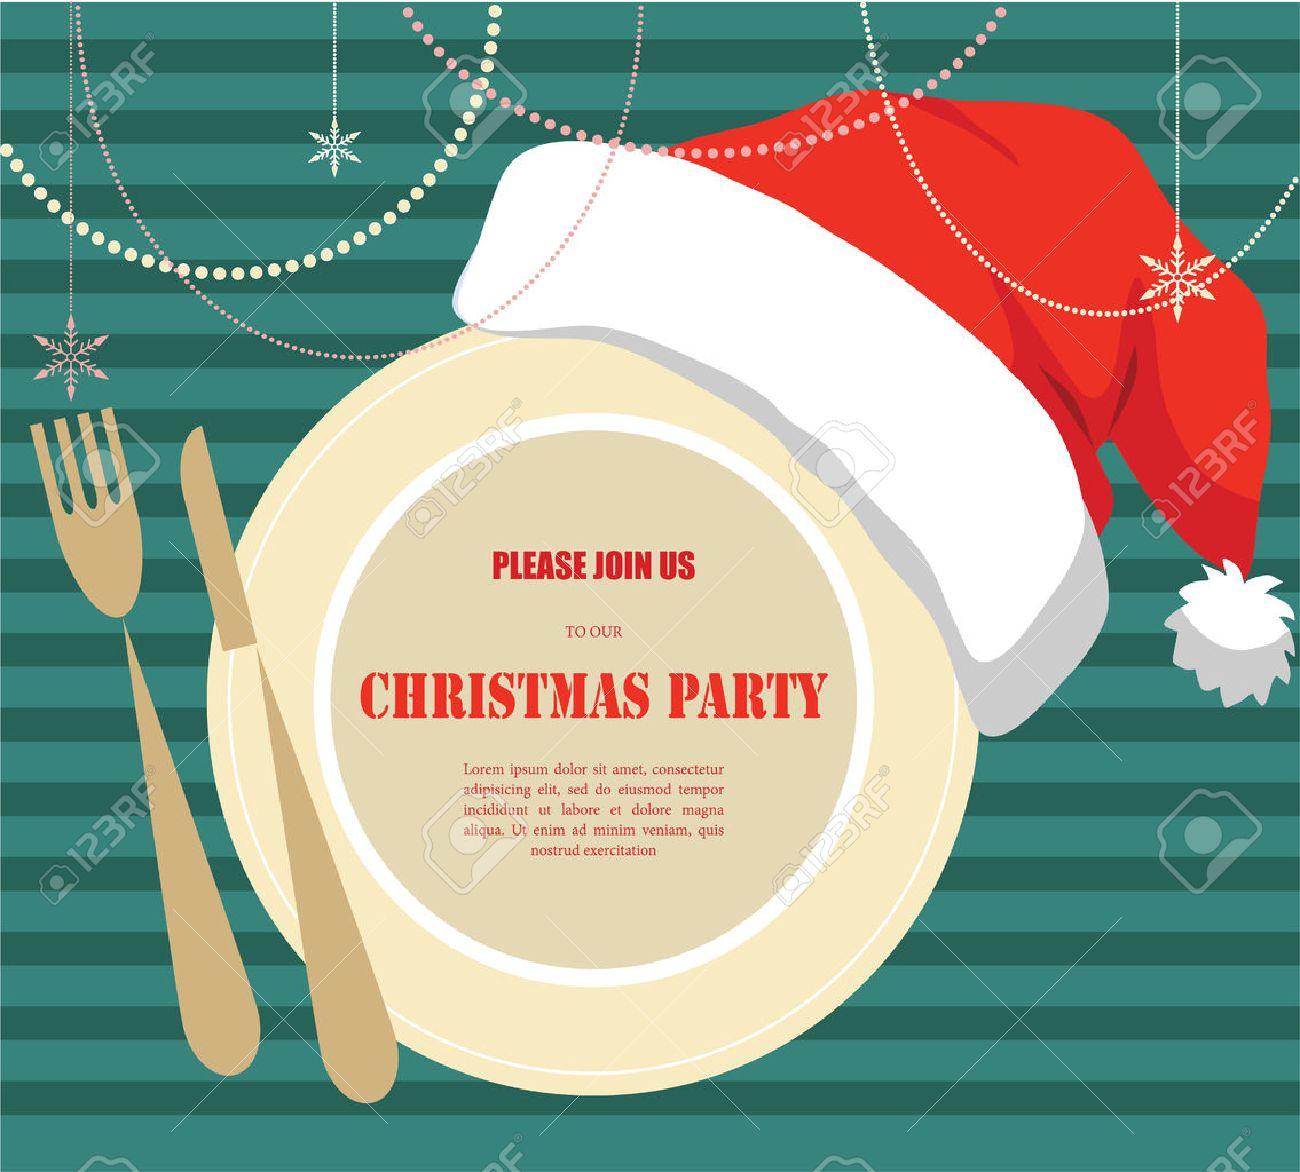 Fiesta De Navidad Invitación Placa Con Sombrero De Navidad